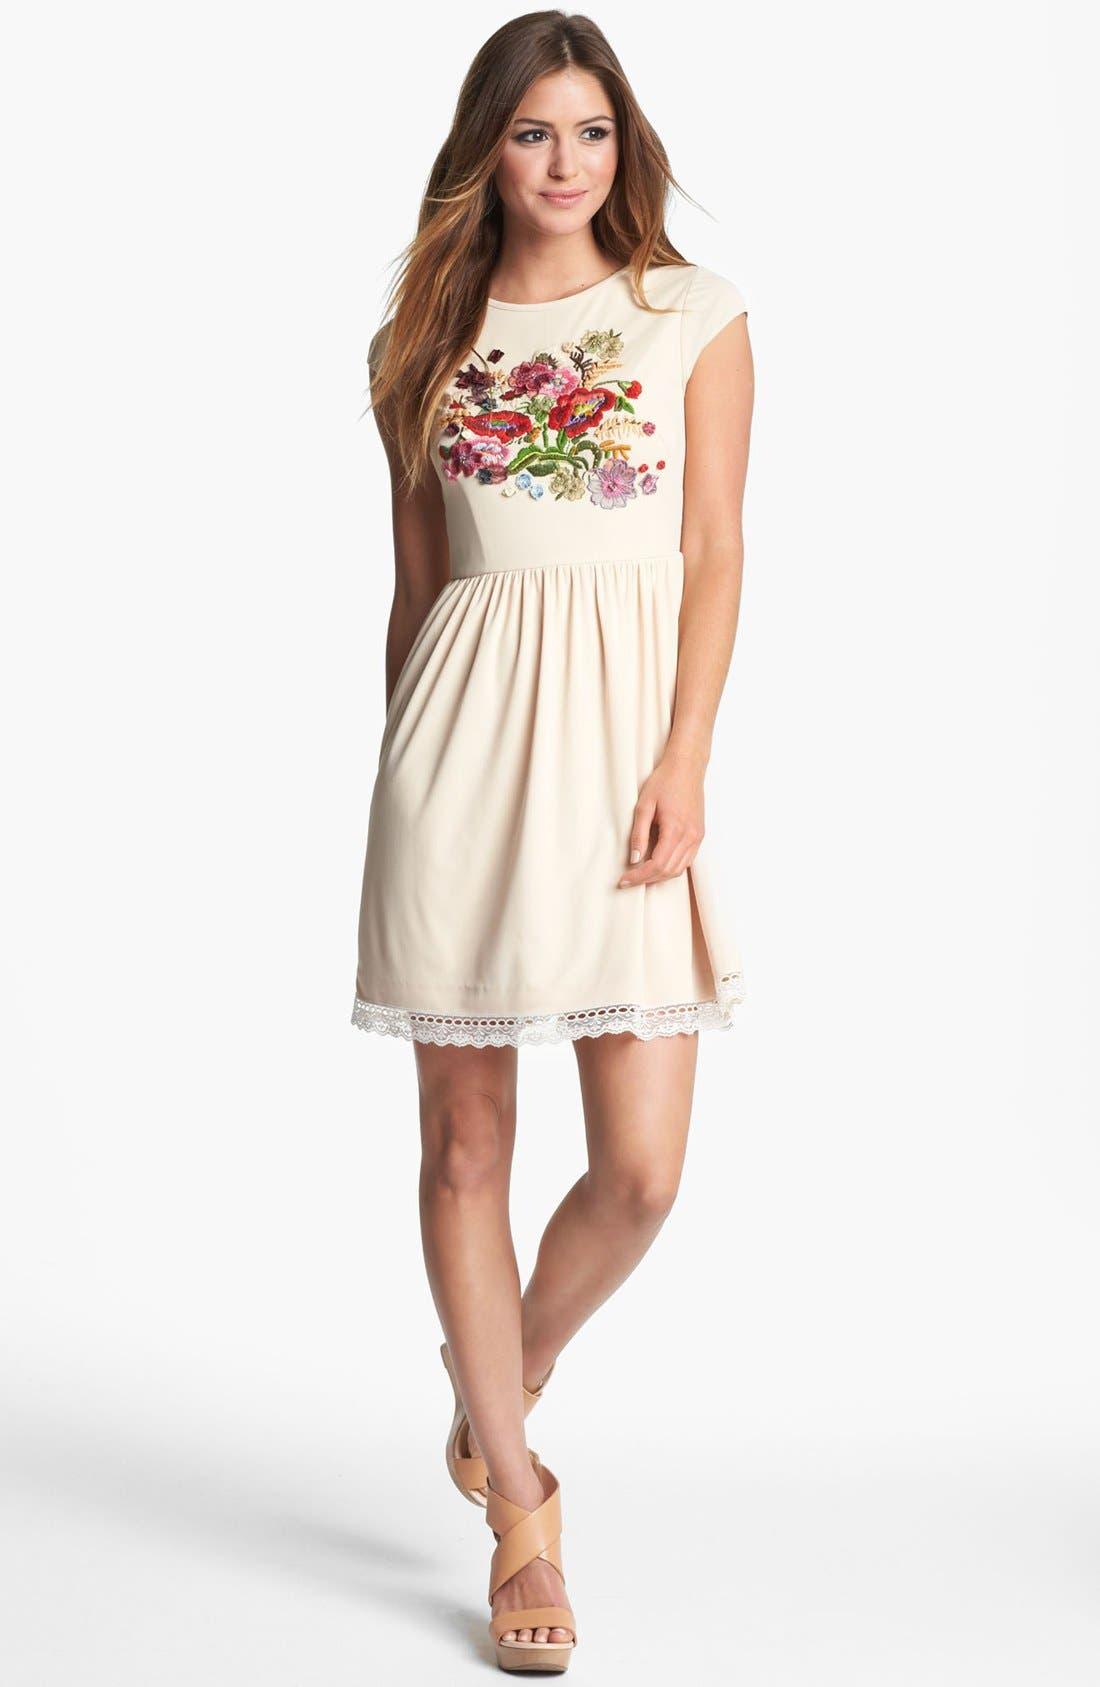 Main Image - LABEL by five twelve Floral Appliqué Fit & Flare Dress